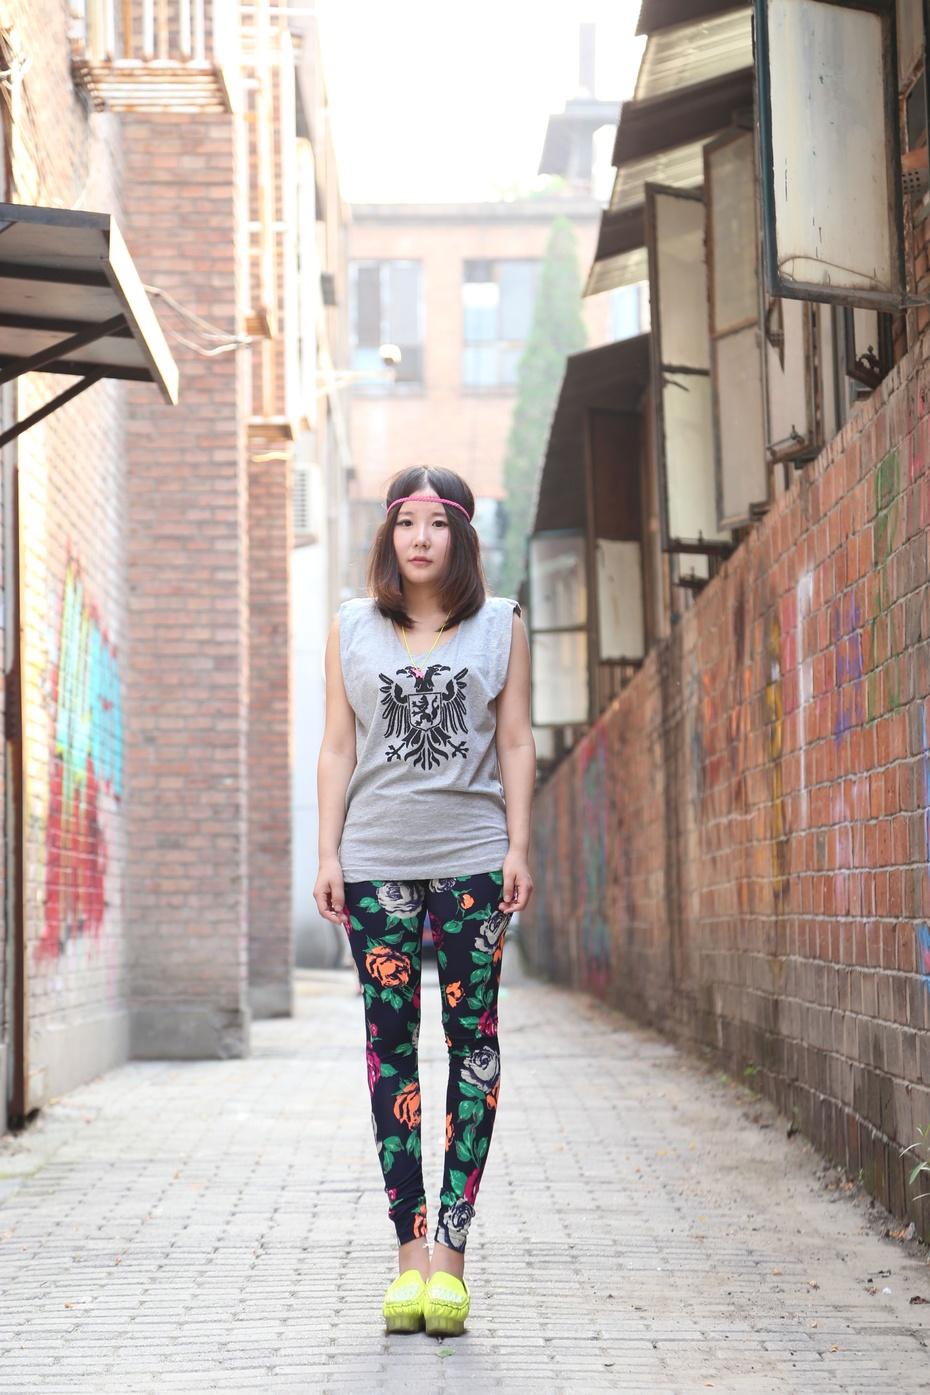 妖精边儿——旧时的光阴值得回购的平价单品之一 - heheweilong - 妖精边儿的博客